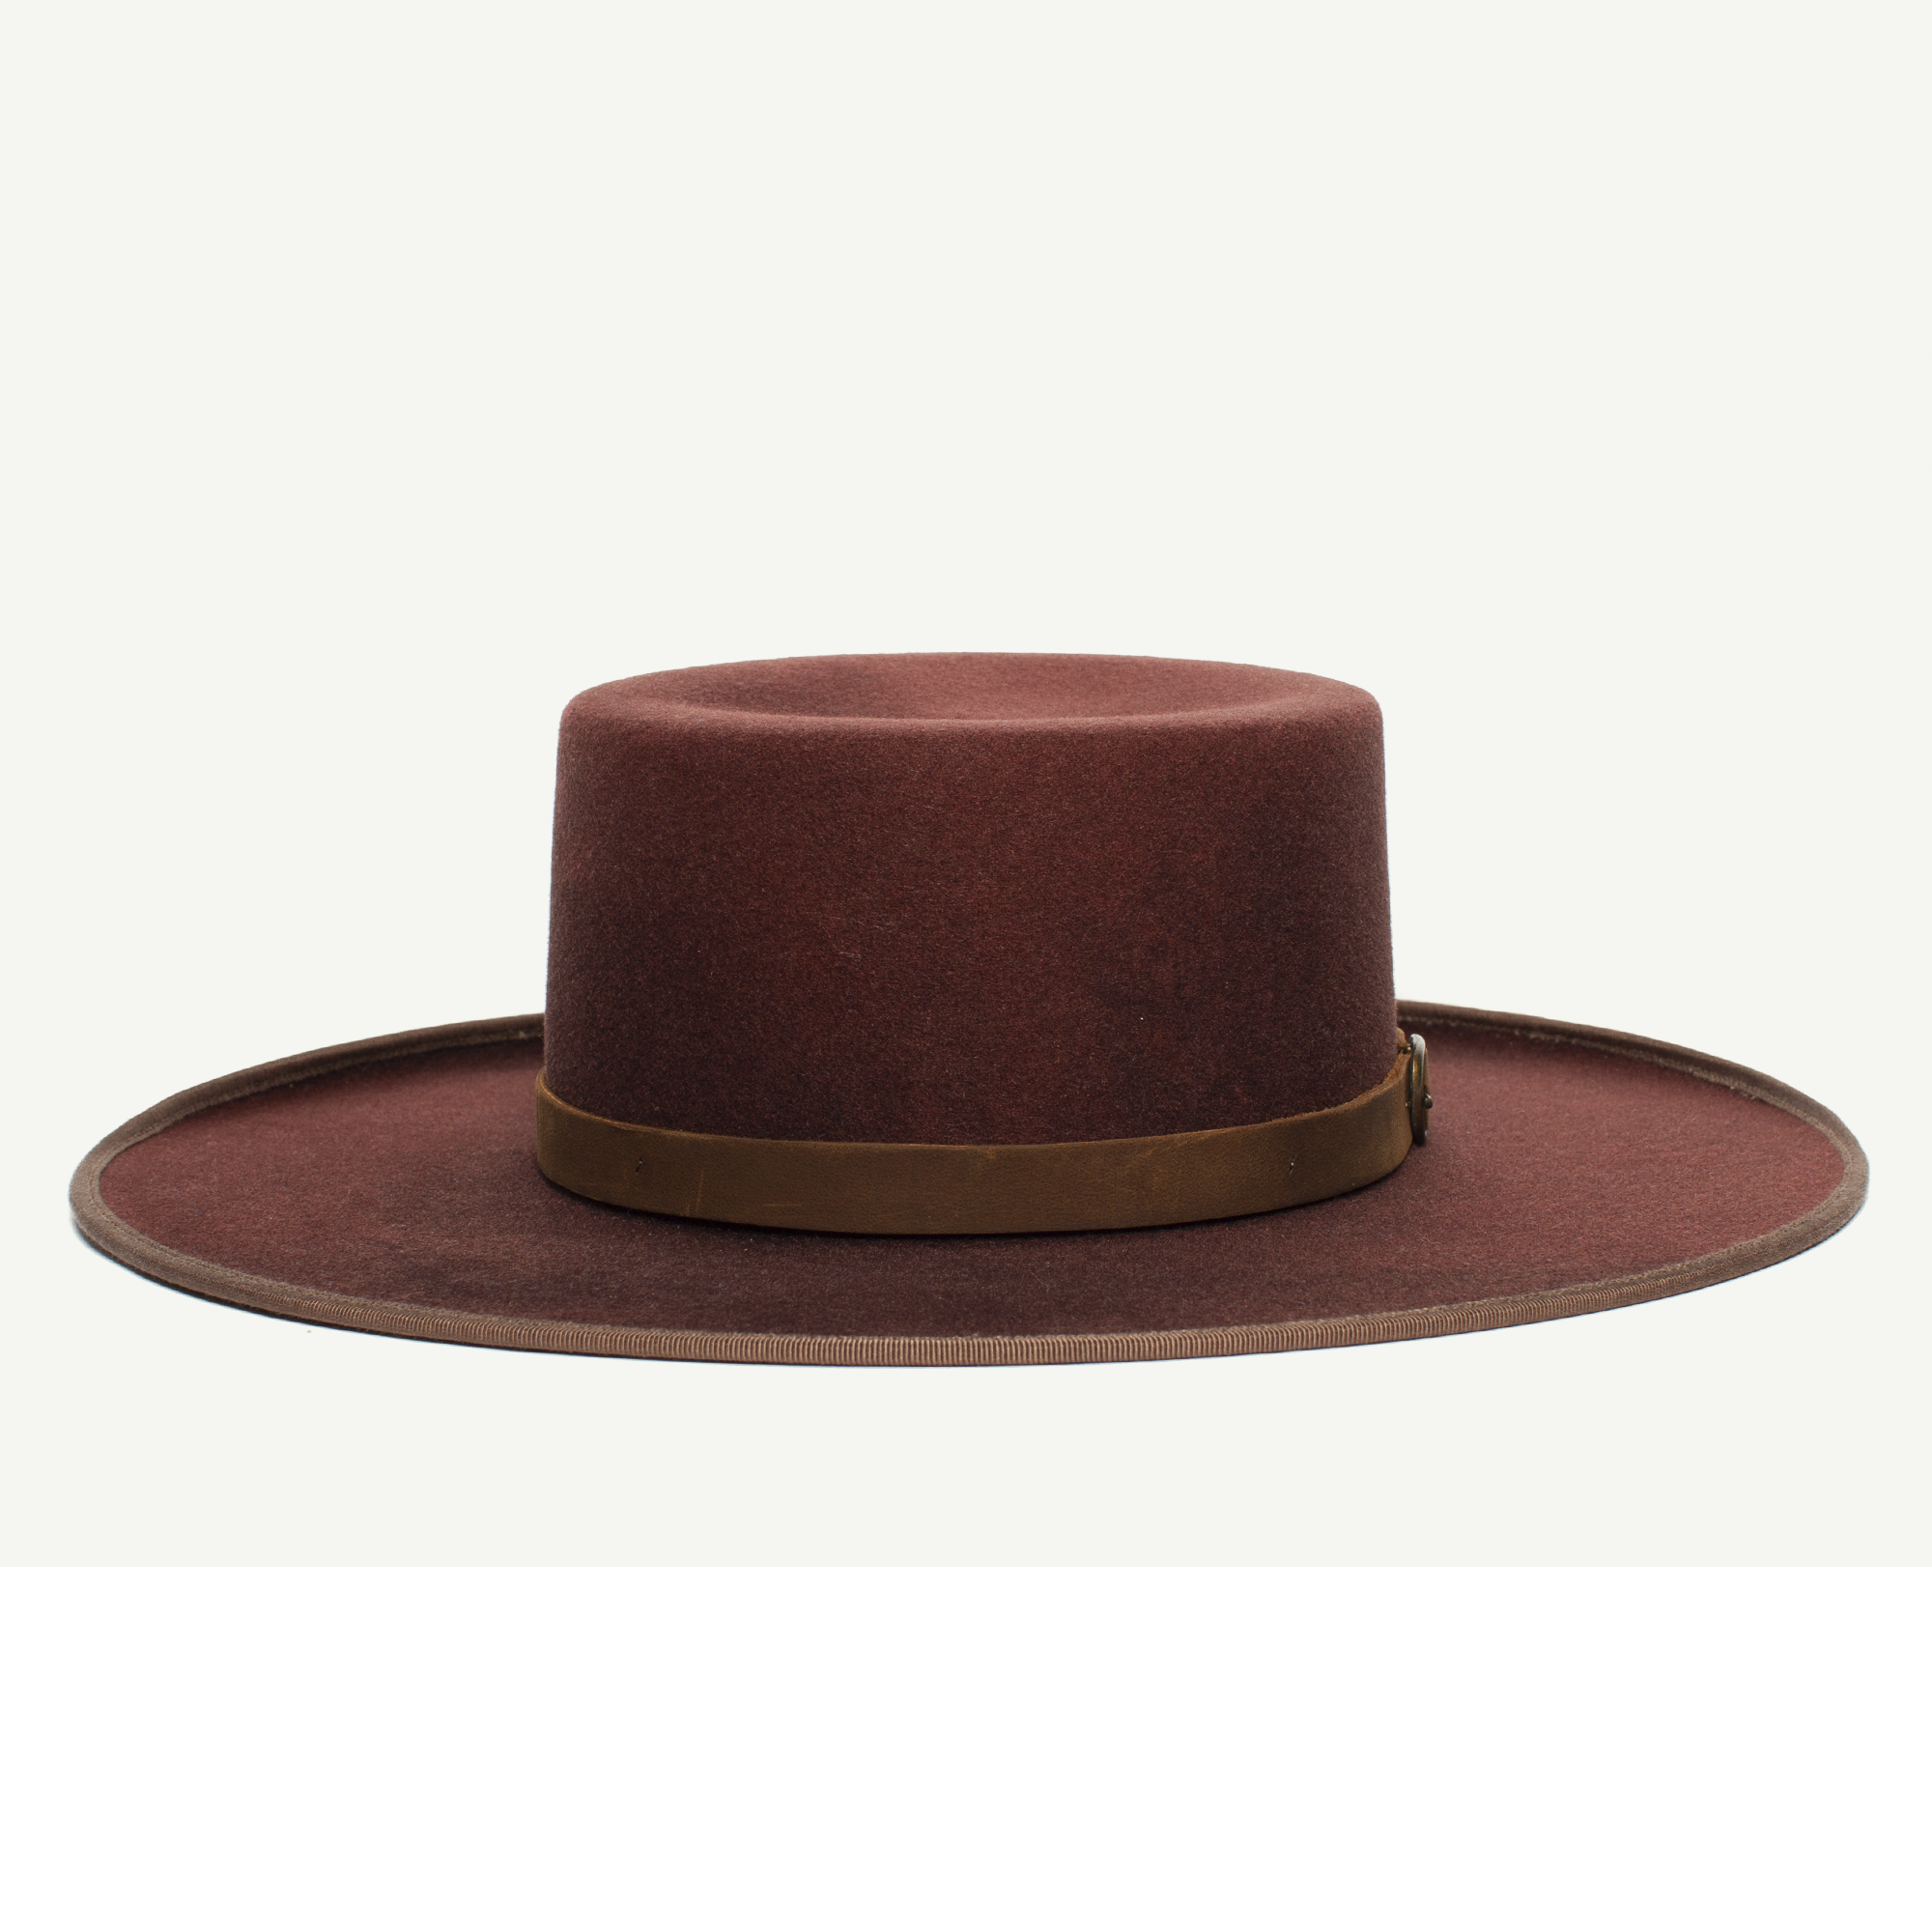 7ee3f990822cd Colonel Pierce Felt Fedora Hat